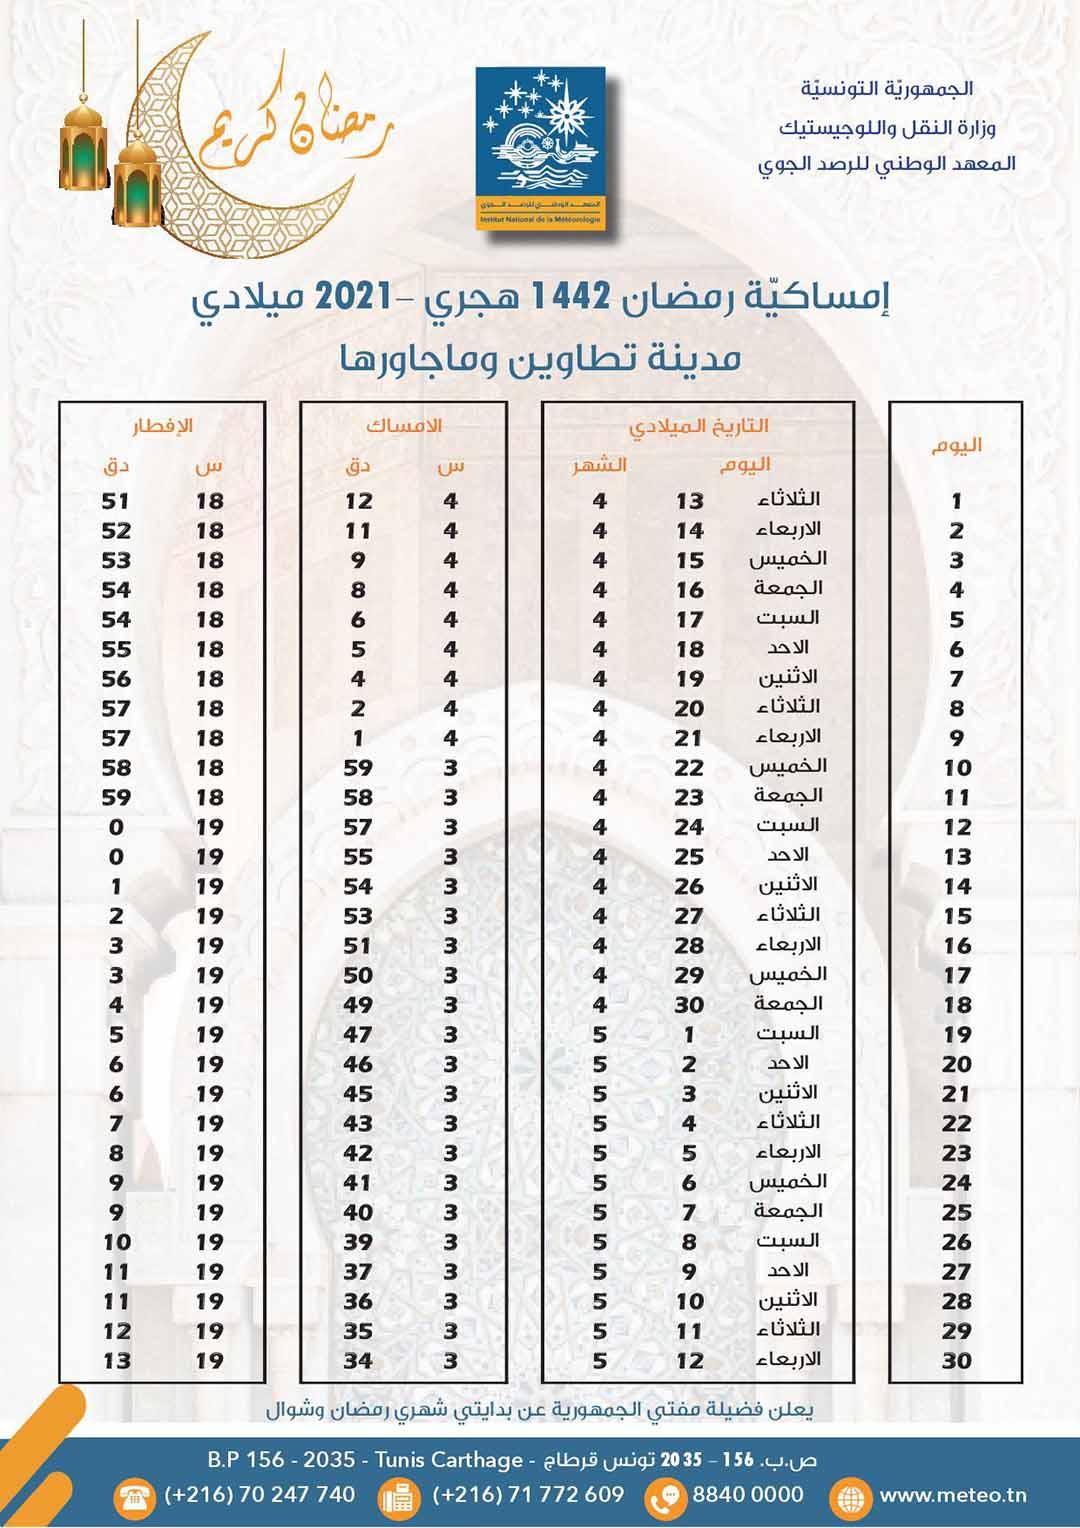 مواعيد الافطار و السحور في ولاية تطاوين رمضان 2021 1 - هام: مواعيد الافطار والامساك لشهر رمضان حسب الولايات..